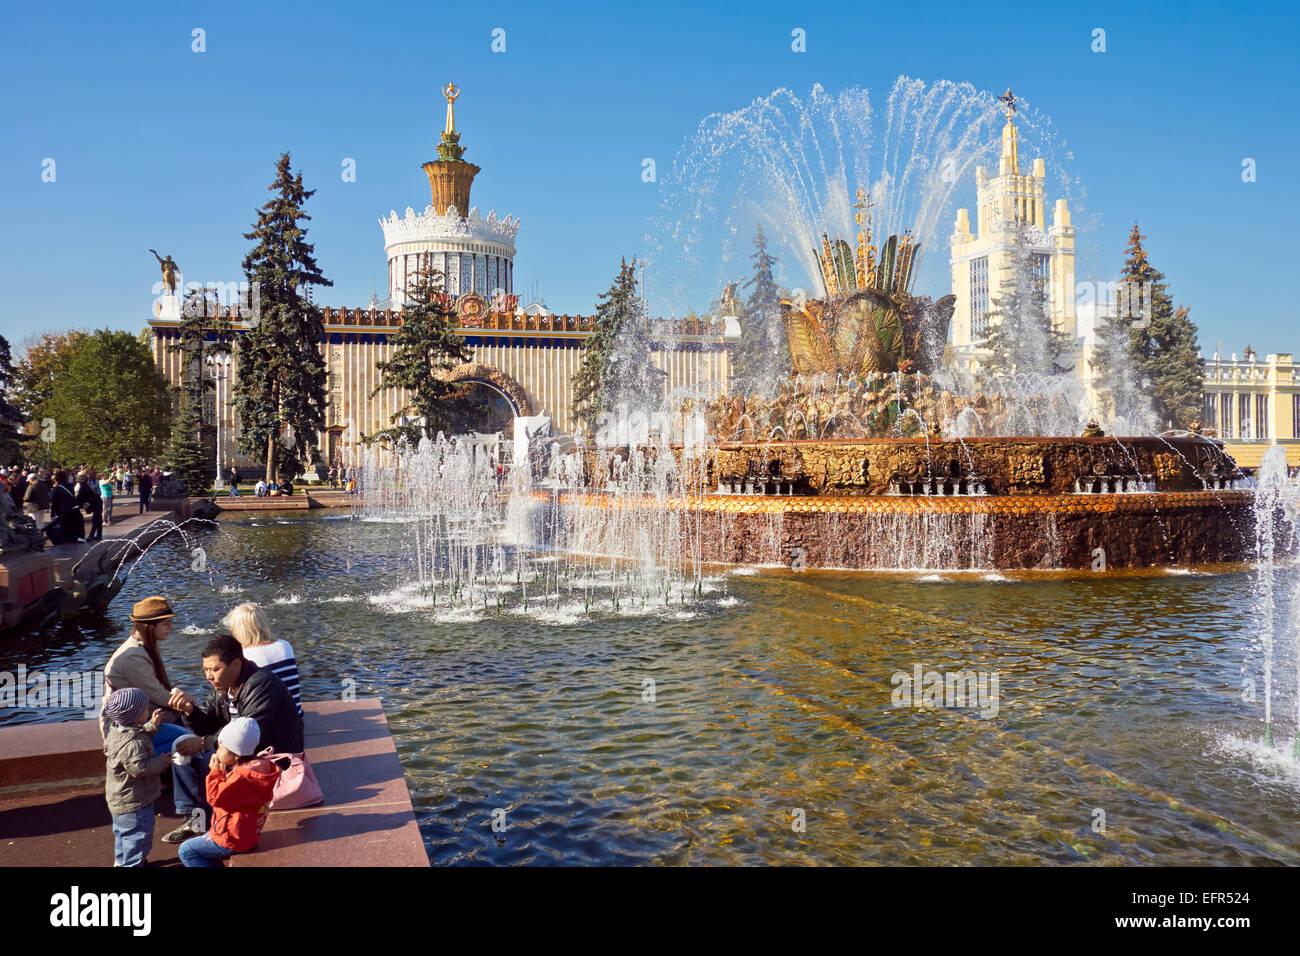 Gente en la Fuente de la Flor de Piedra en el Centro de Exposiciones de toda Rusia (VDNKh). Moscú, Rusia. Foto de stock